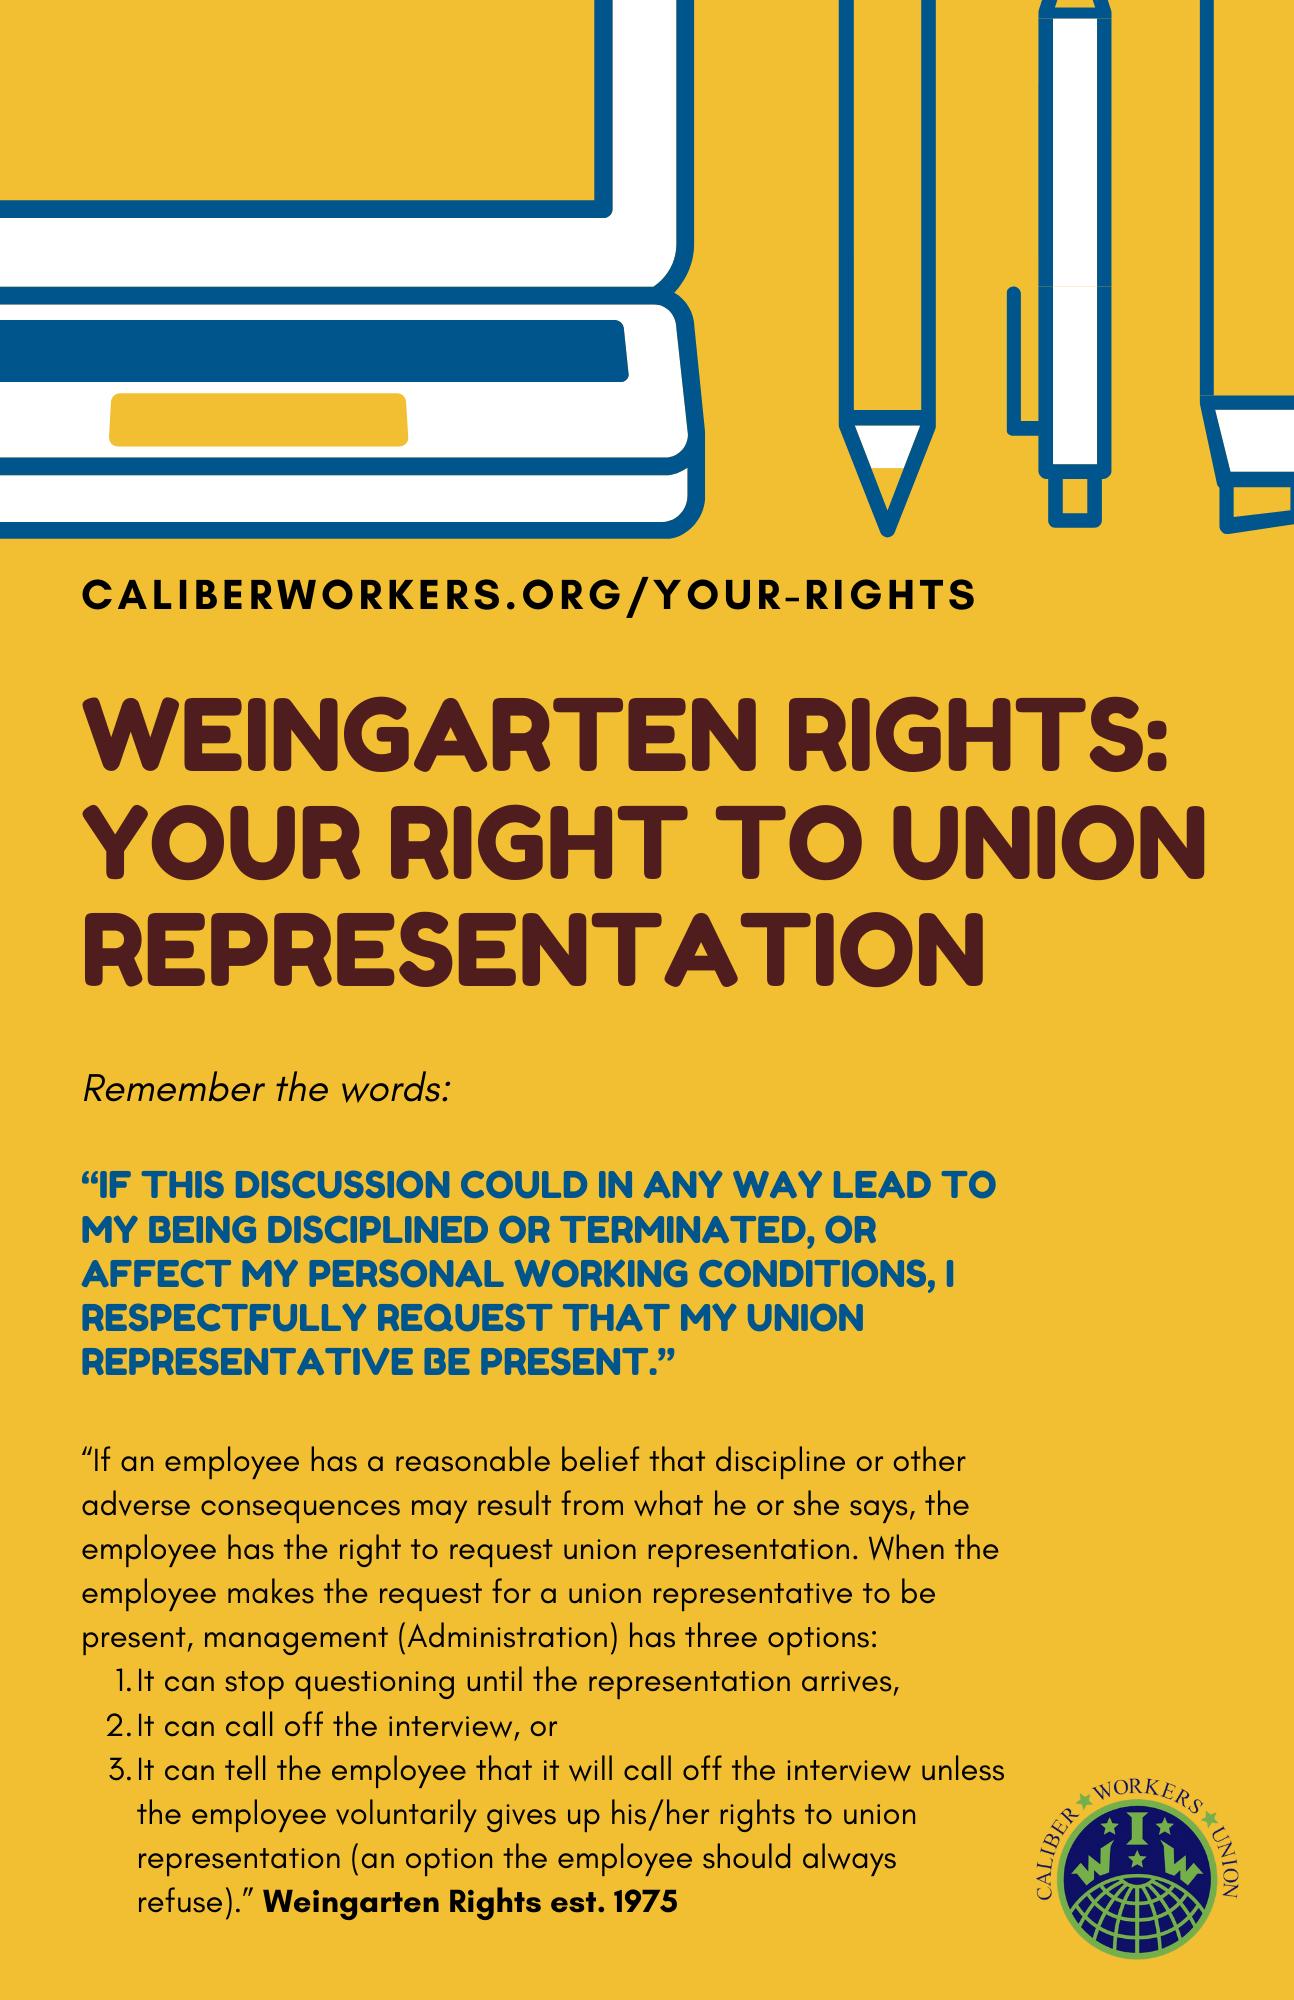 Weingarten Rights Reminder